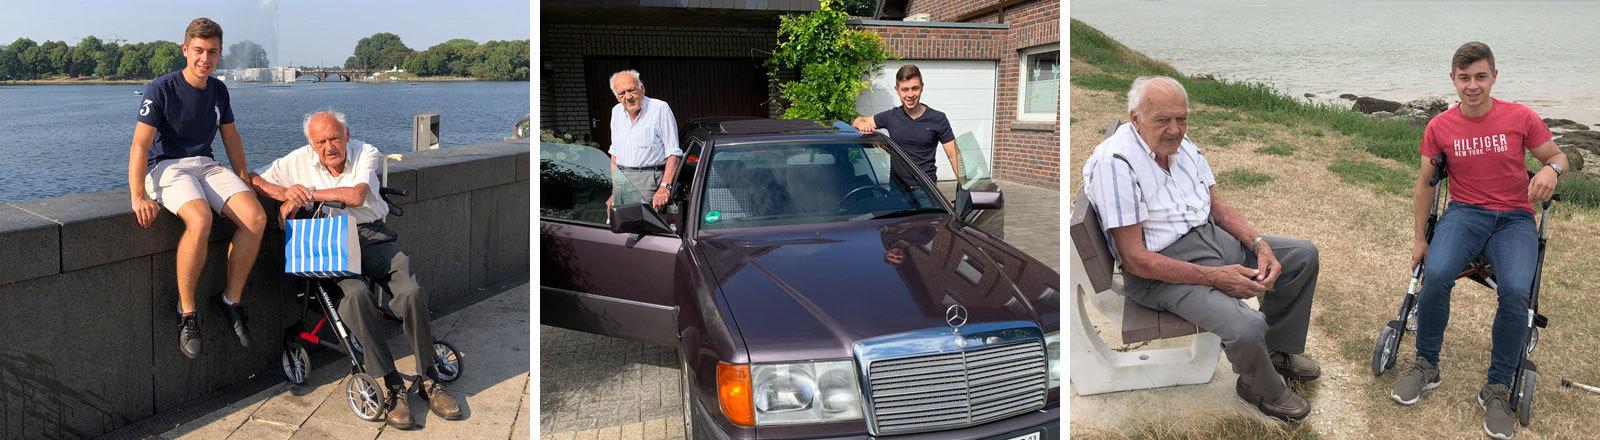 Torben Kroker und Karl-Heinz steigen in einen Mercedes ein.